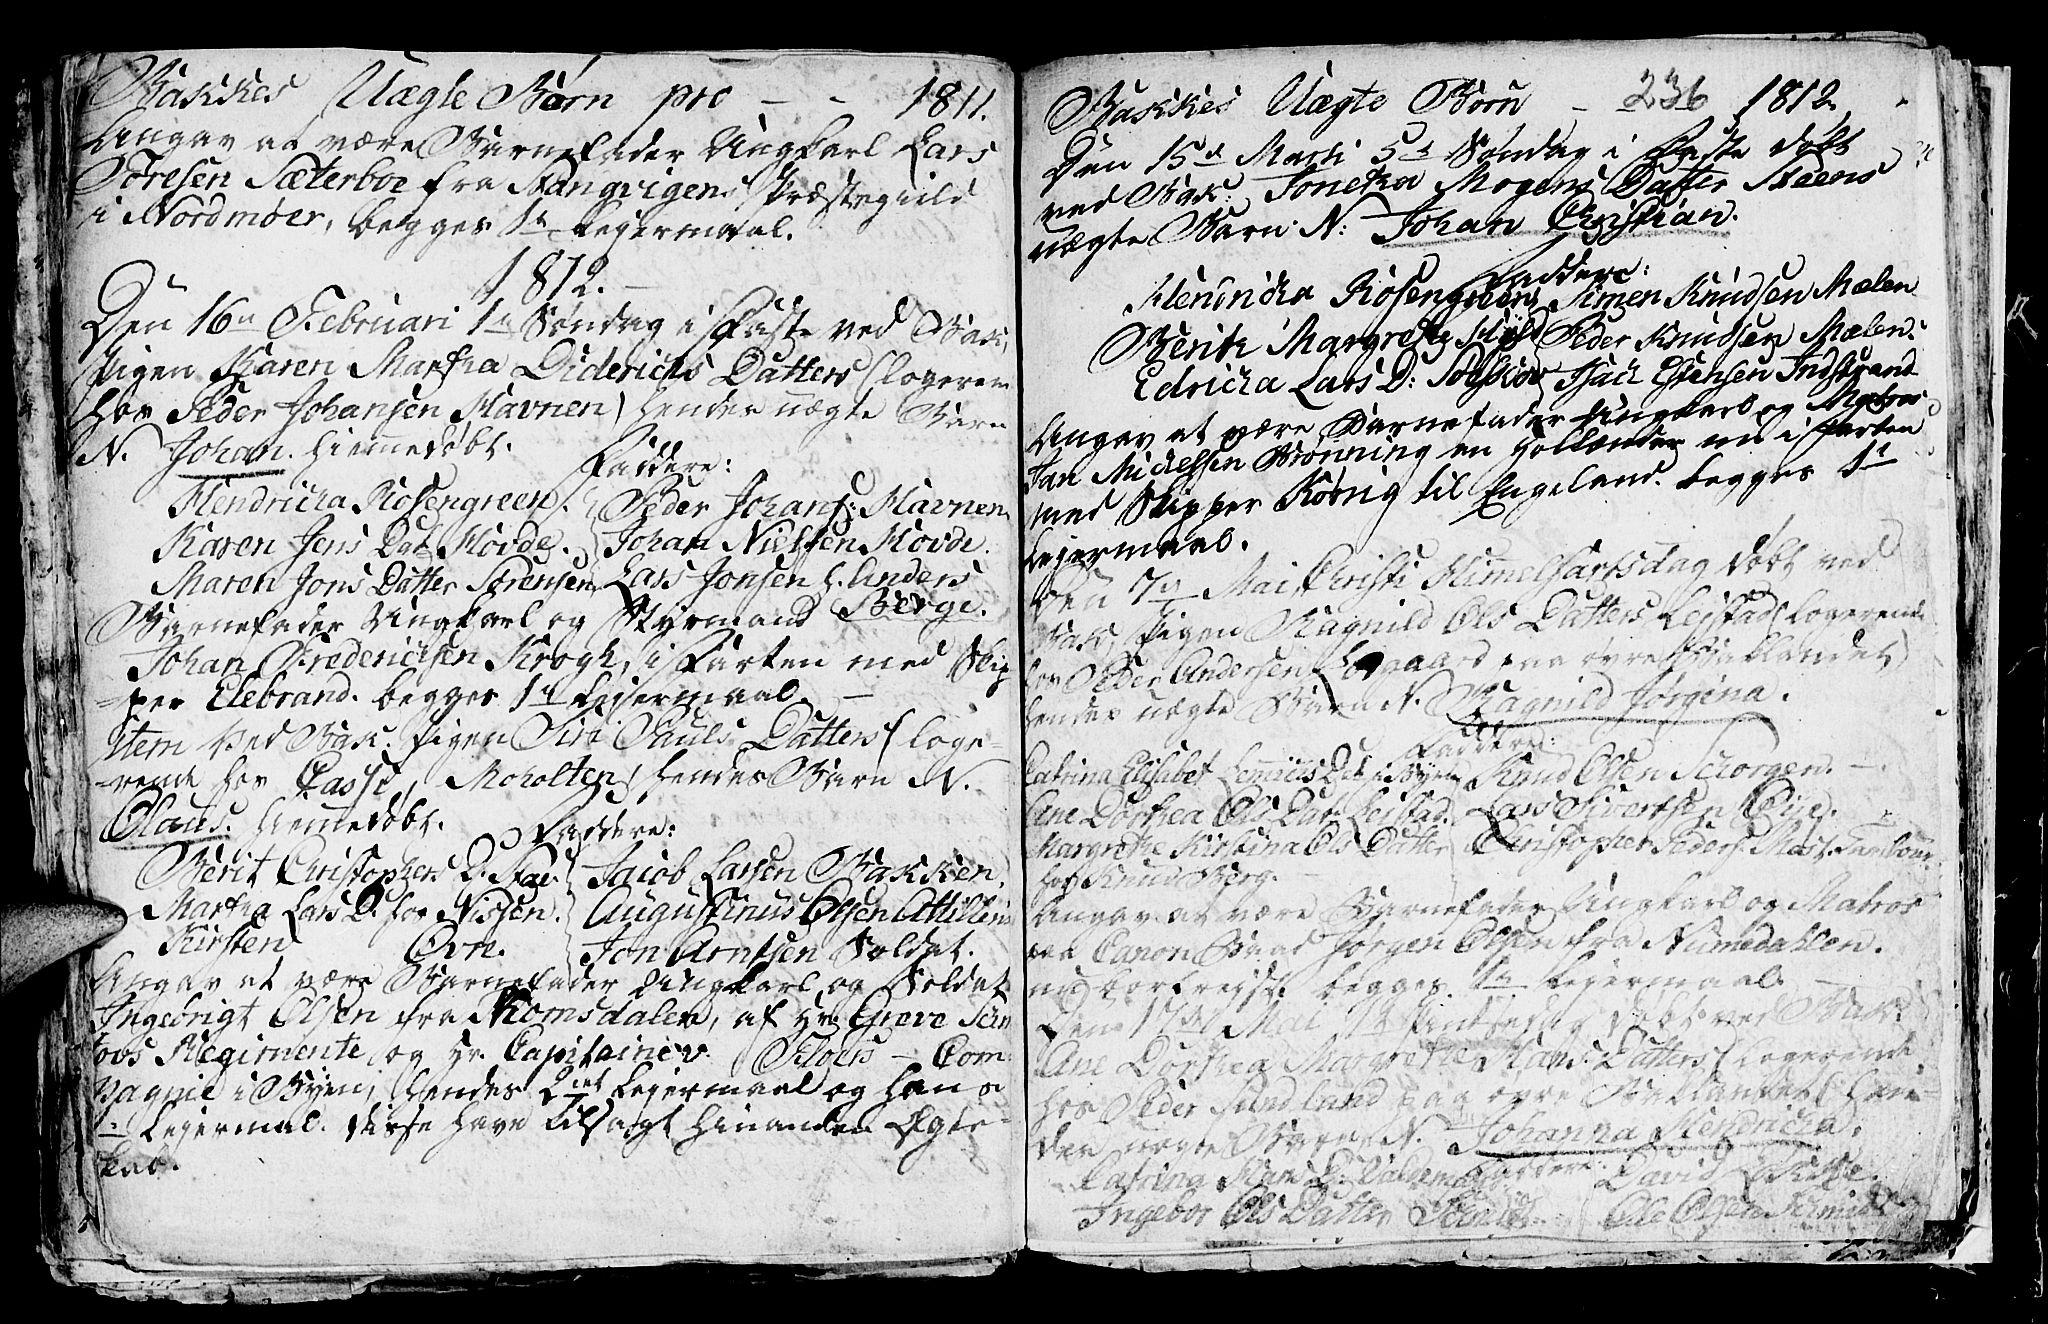 SAT, Ministerialprotokoller, klokkerbøker og fødselsregistre - Sør-Trøndelag, 604/L0218: Klokkerbok nr. 604C01, 1754-1819, s. 236